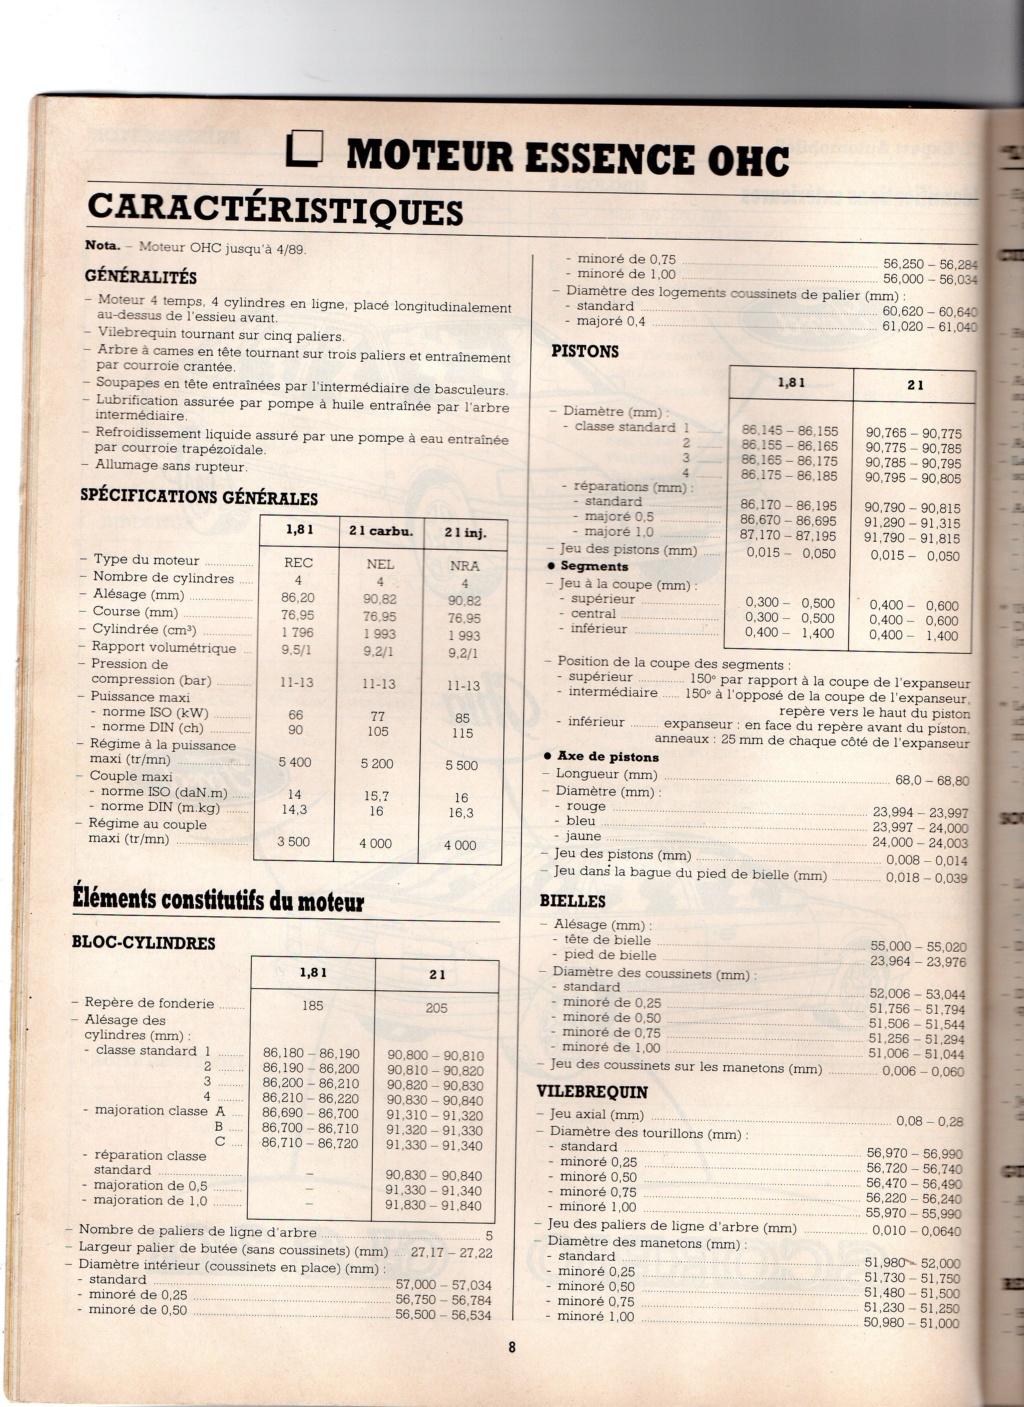 [MK2] Quelques petites questions sur mon mk2 - Page 2 Img02610